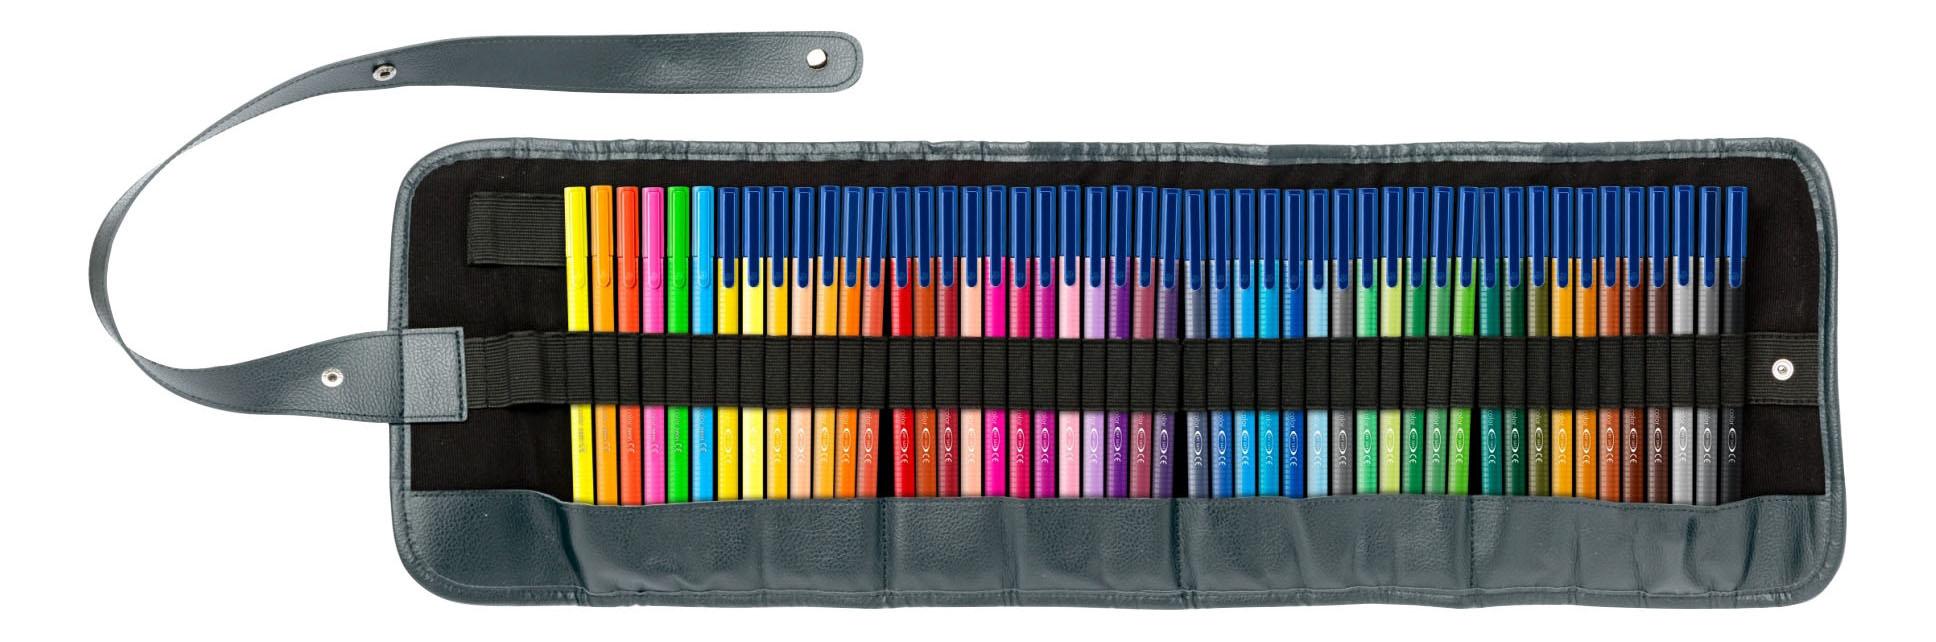 Купить Набор фломастеров Staedtler Triplus Color Яркие цвета 48 цветов, Фломастеры